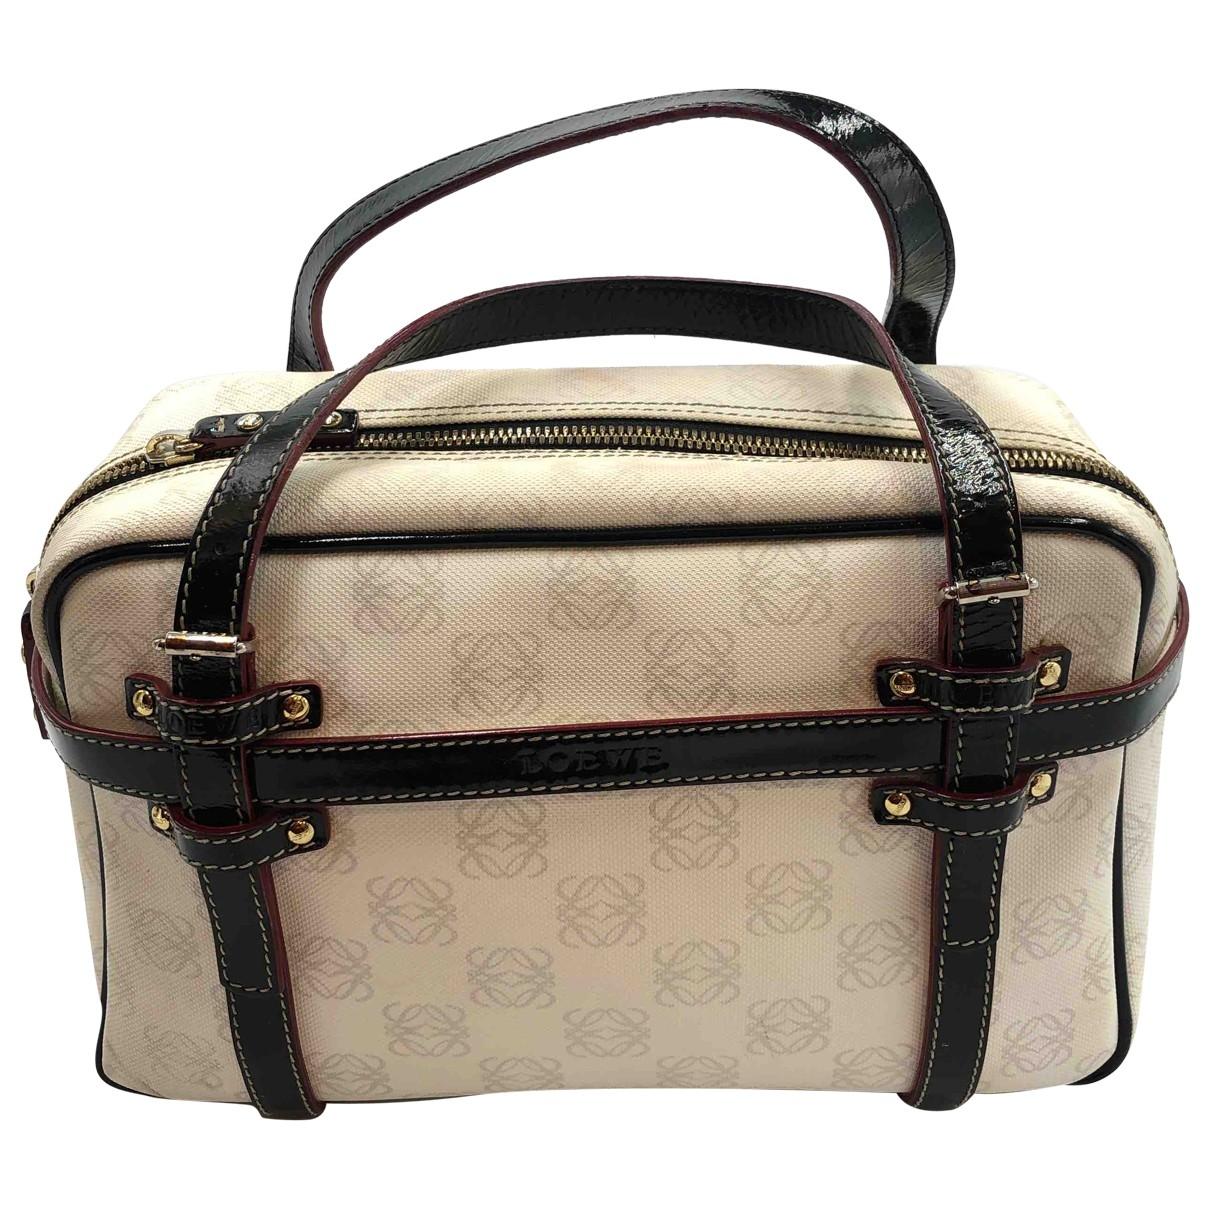 Loewe \N Handtasche in Leinen